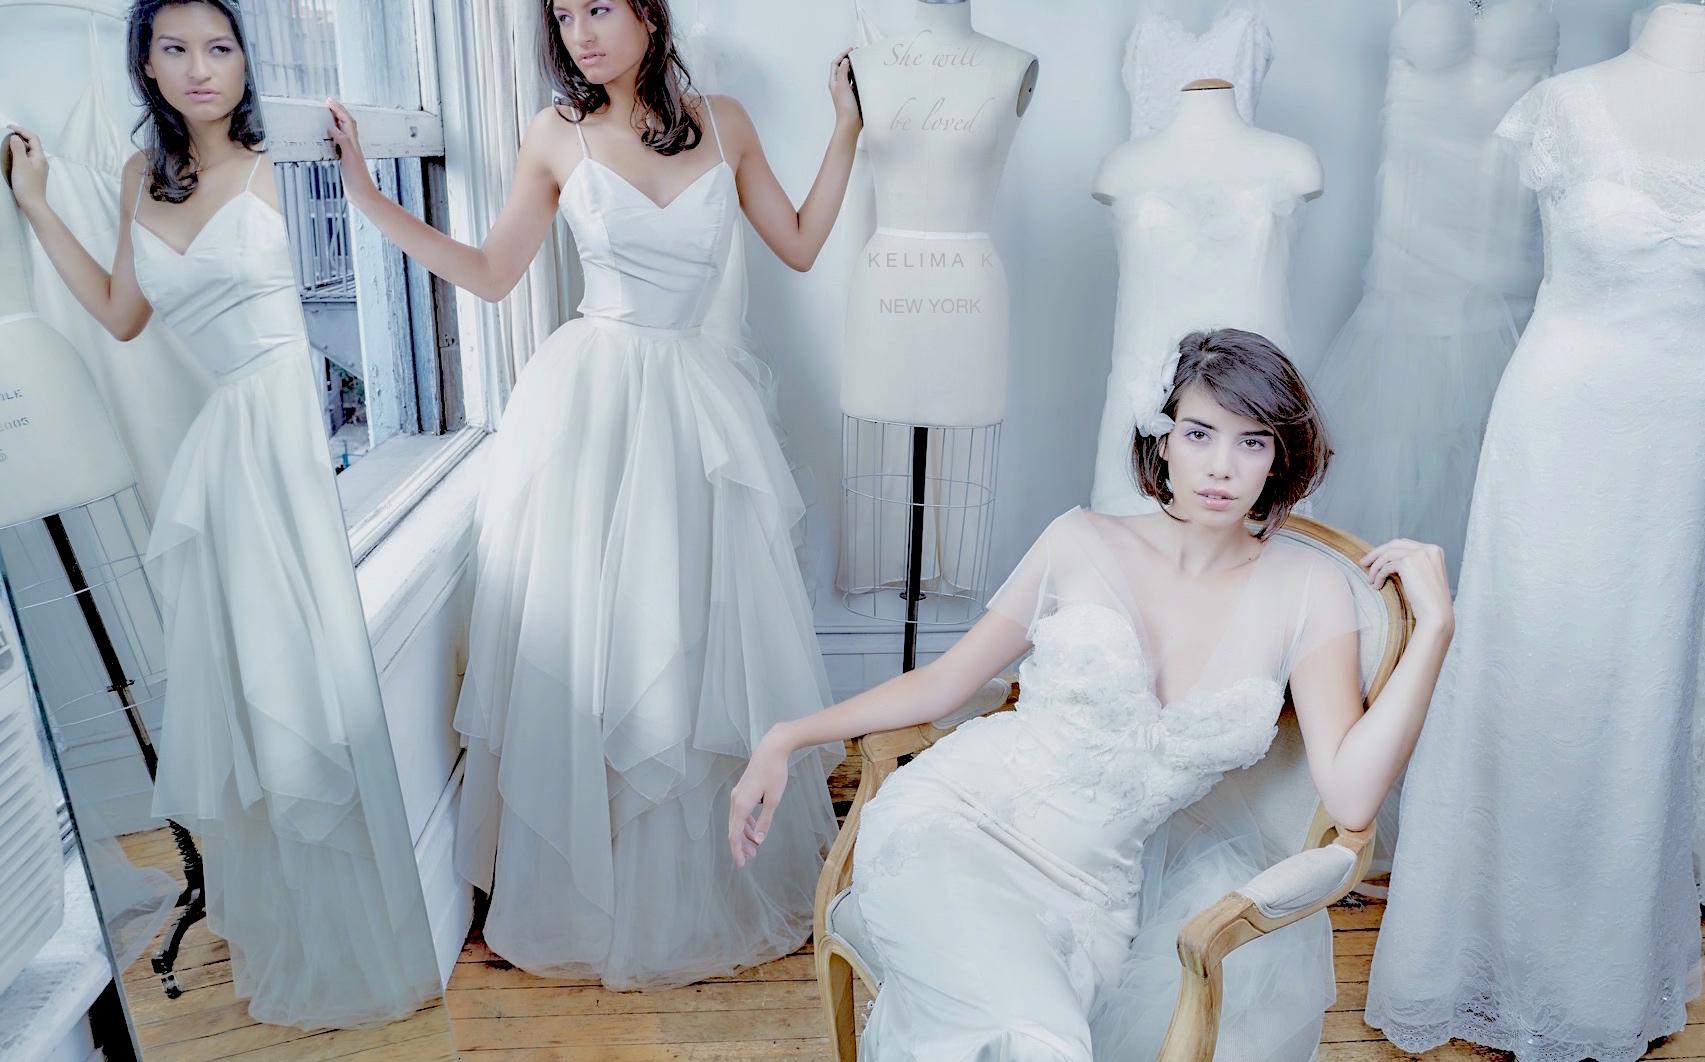 desiner, artisan wedding dresses NY KELIMA_K *.jpg